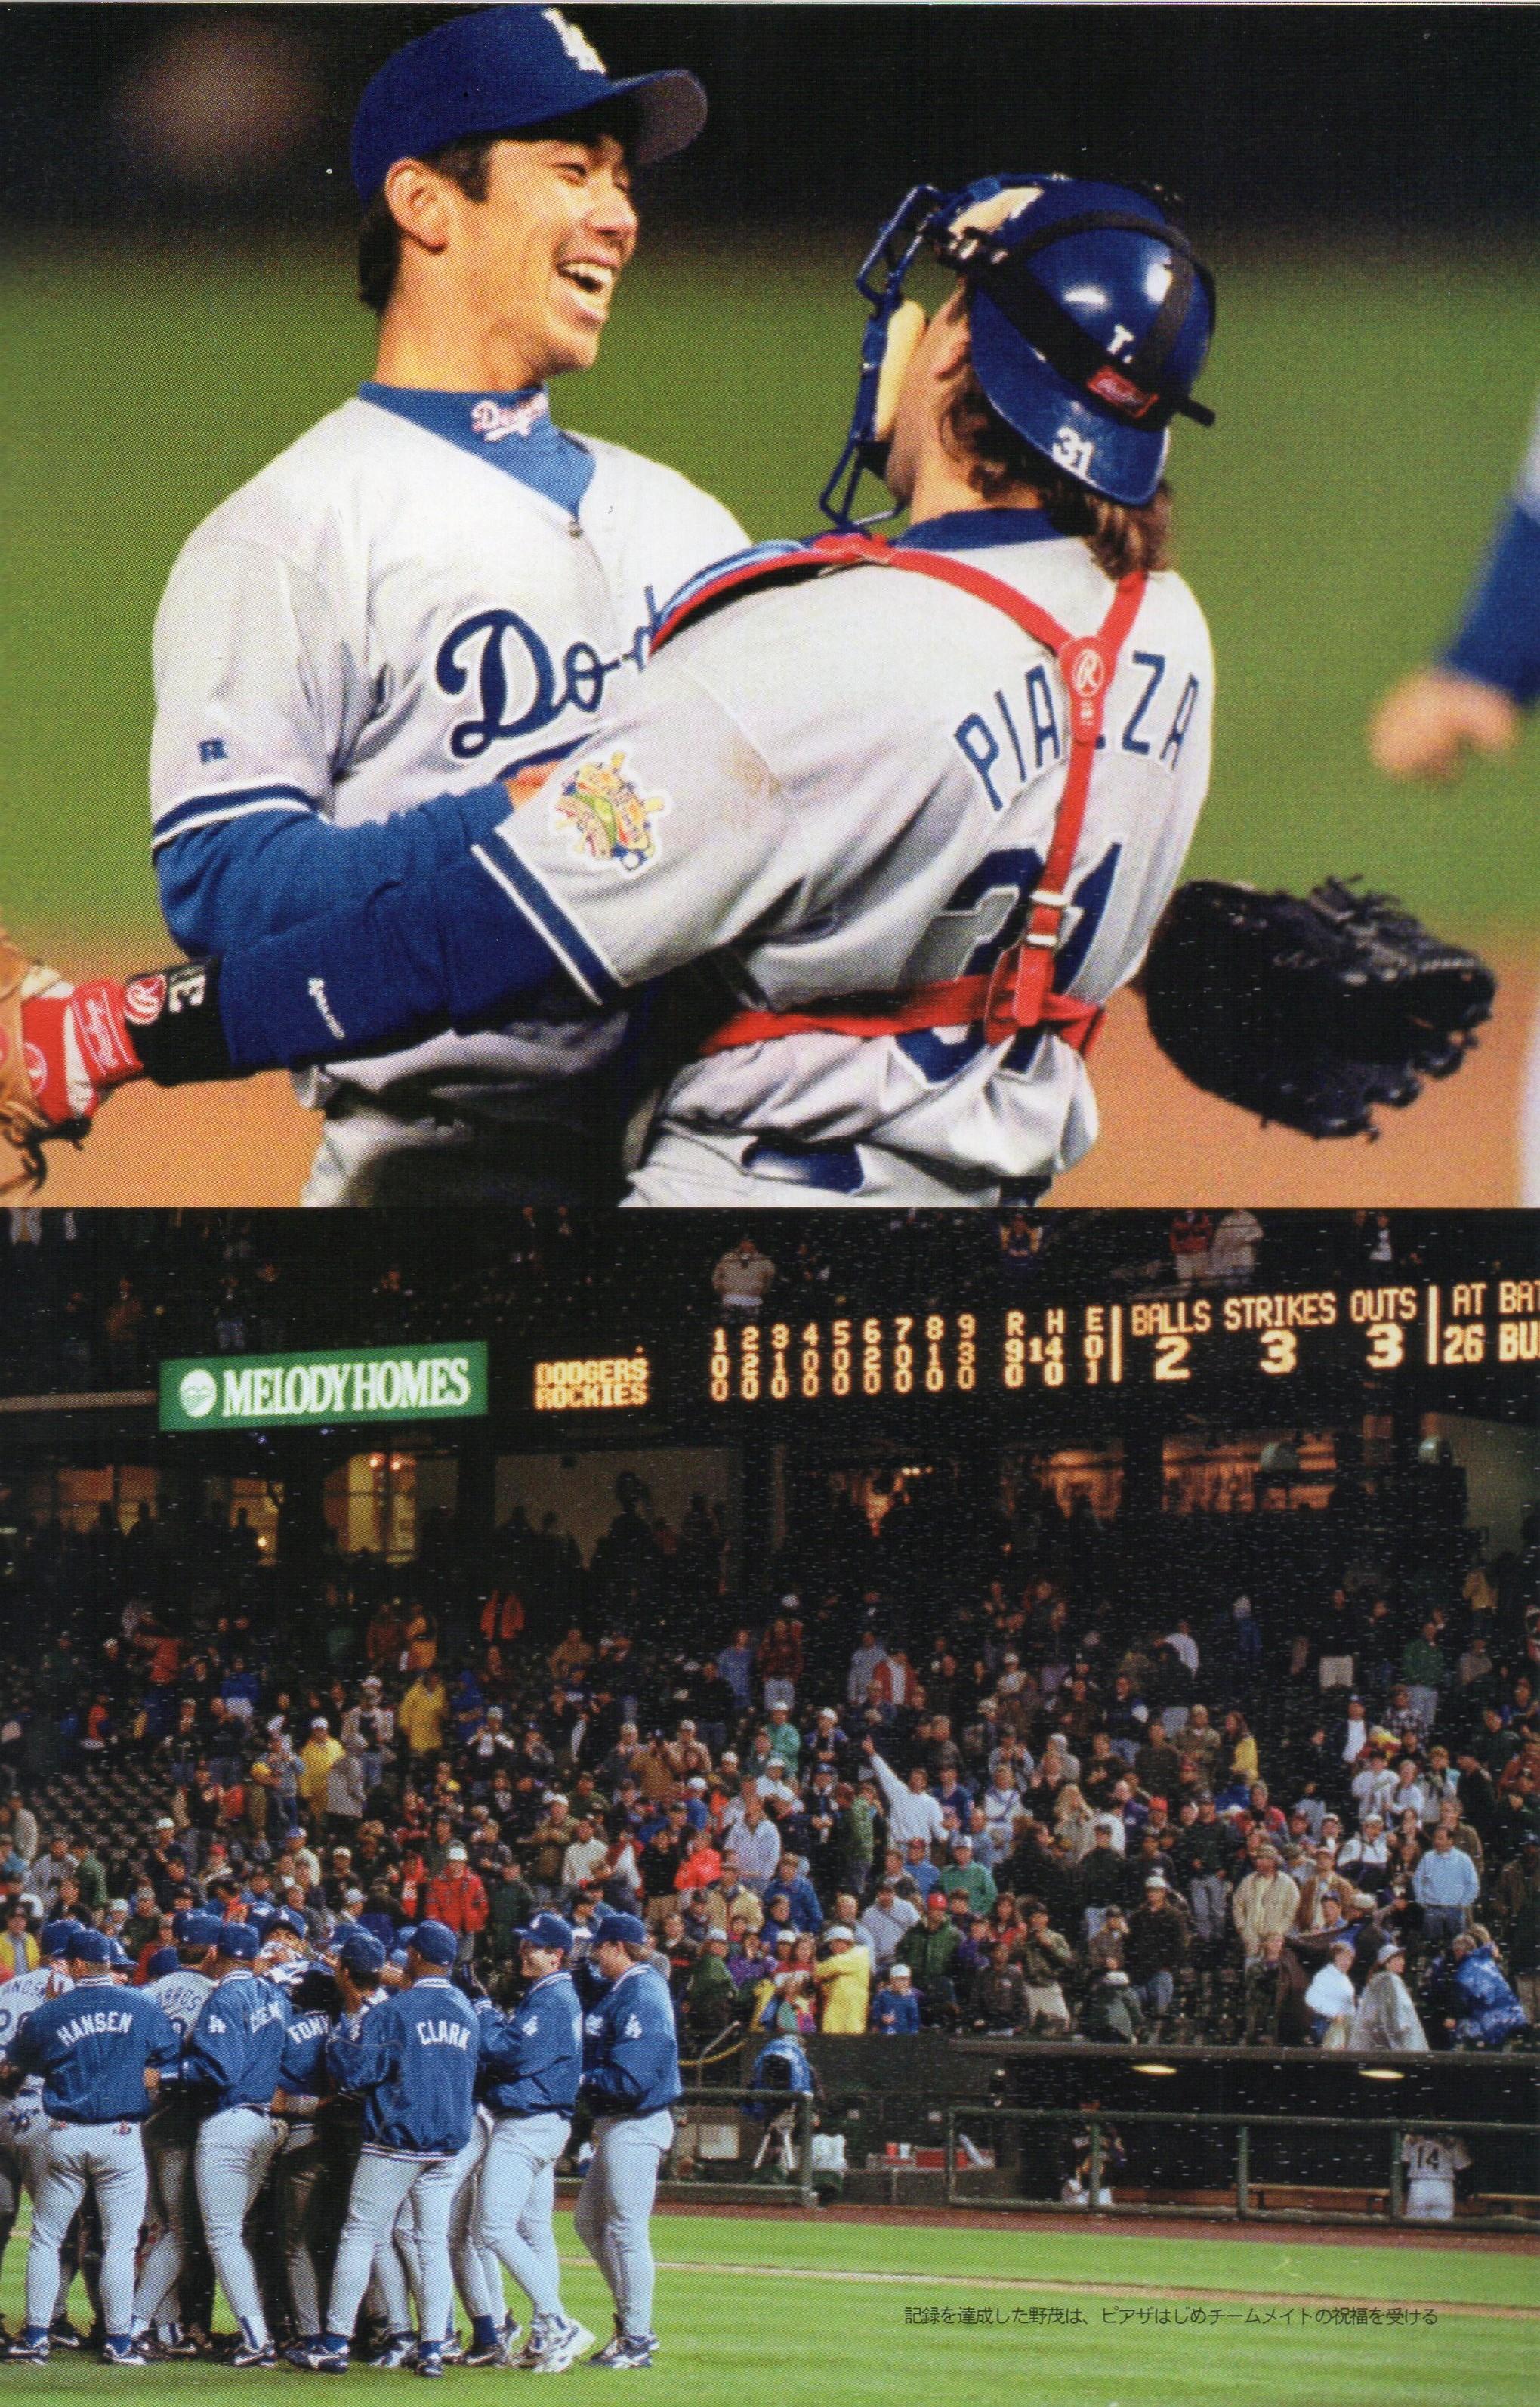 【何志勇觀點】野茂英雄:作為棒球先驅者的堅持